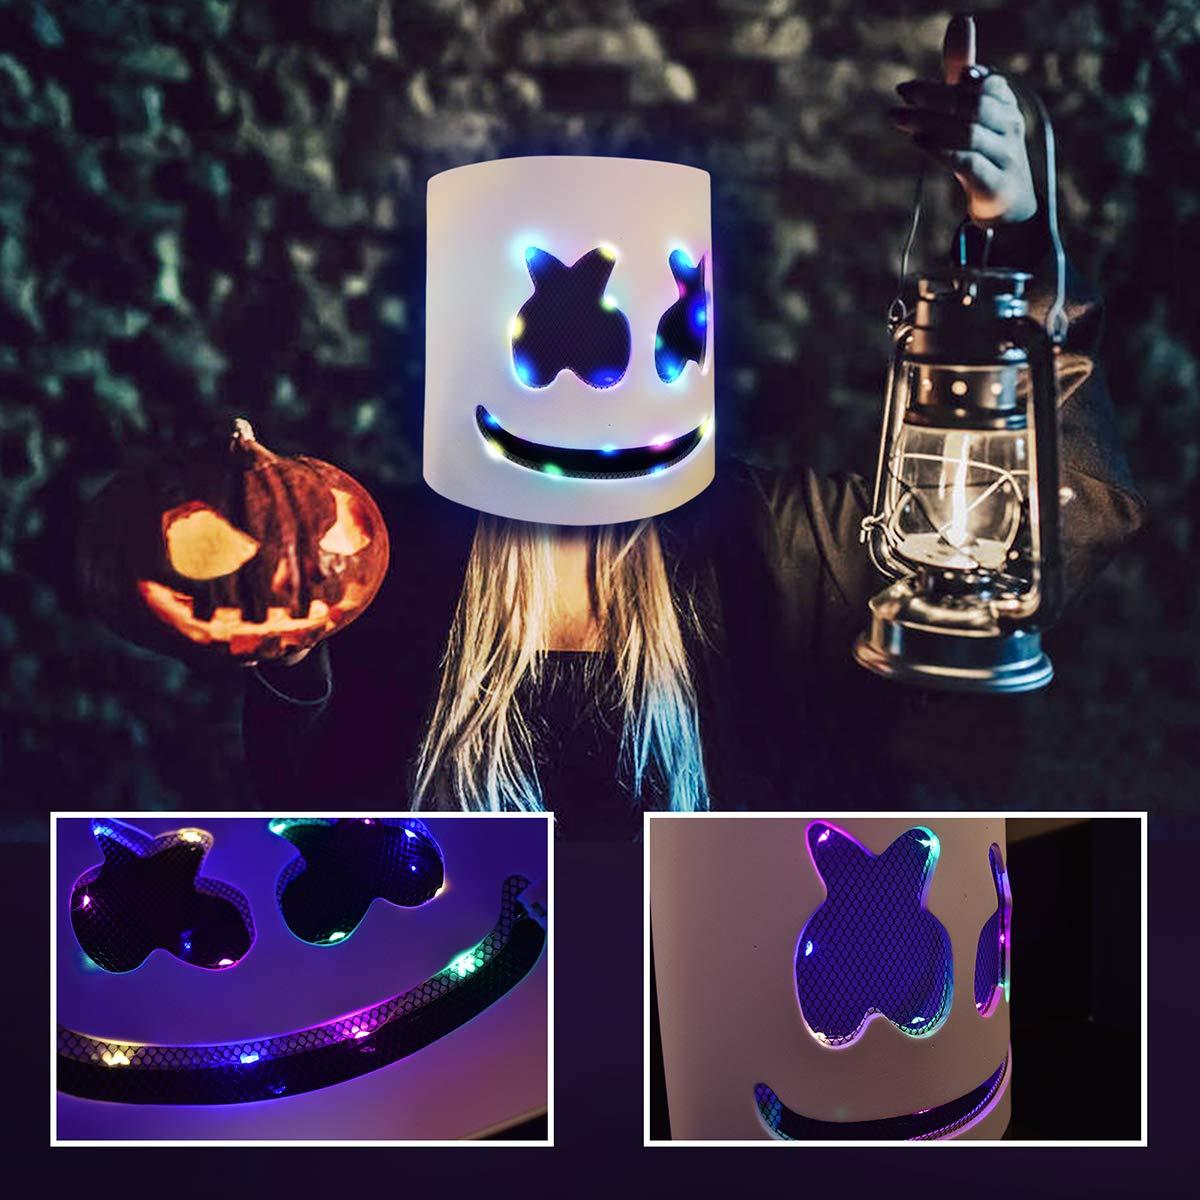 WeGuard DJ Mask Full Head Mask LED Helmets for Music Festival Costume Party